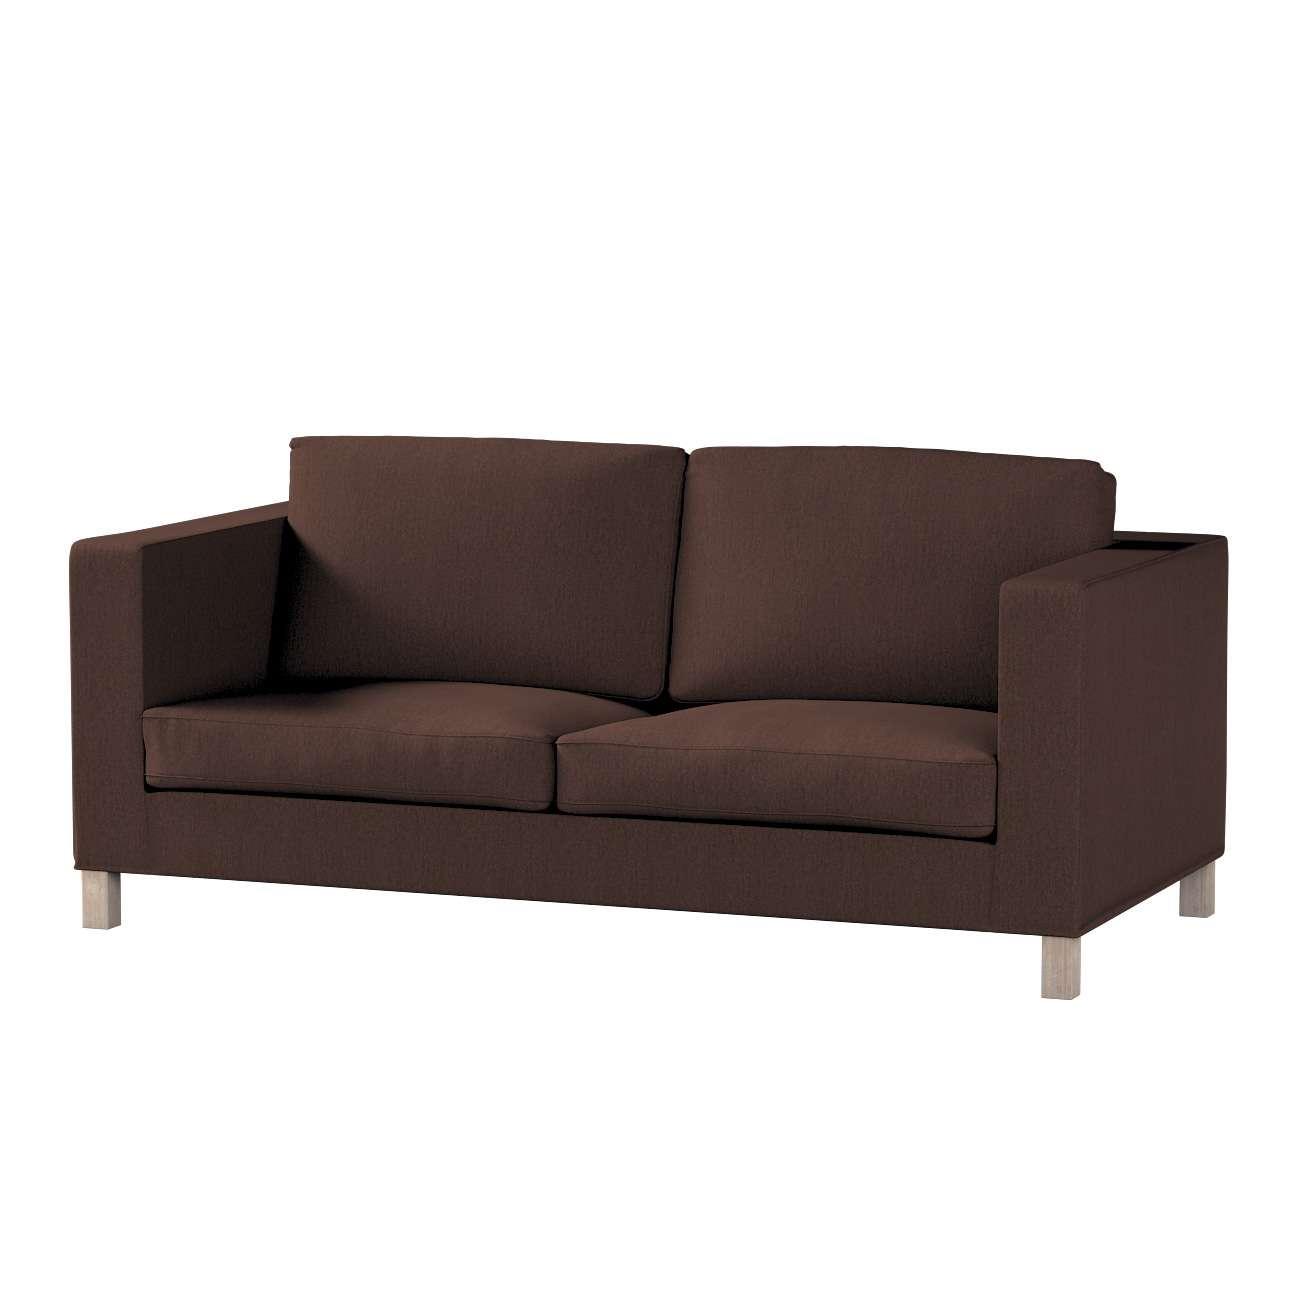 KARLANDA sofos lovos užvalkalas KARLANDA sofos lovos užvalkalas kolekcijoje Chenille, audinys: 702-18